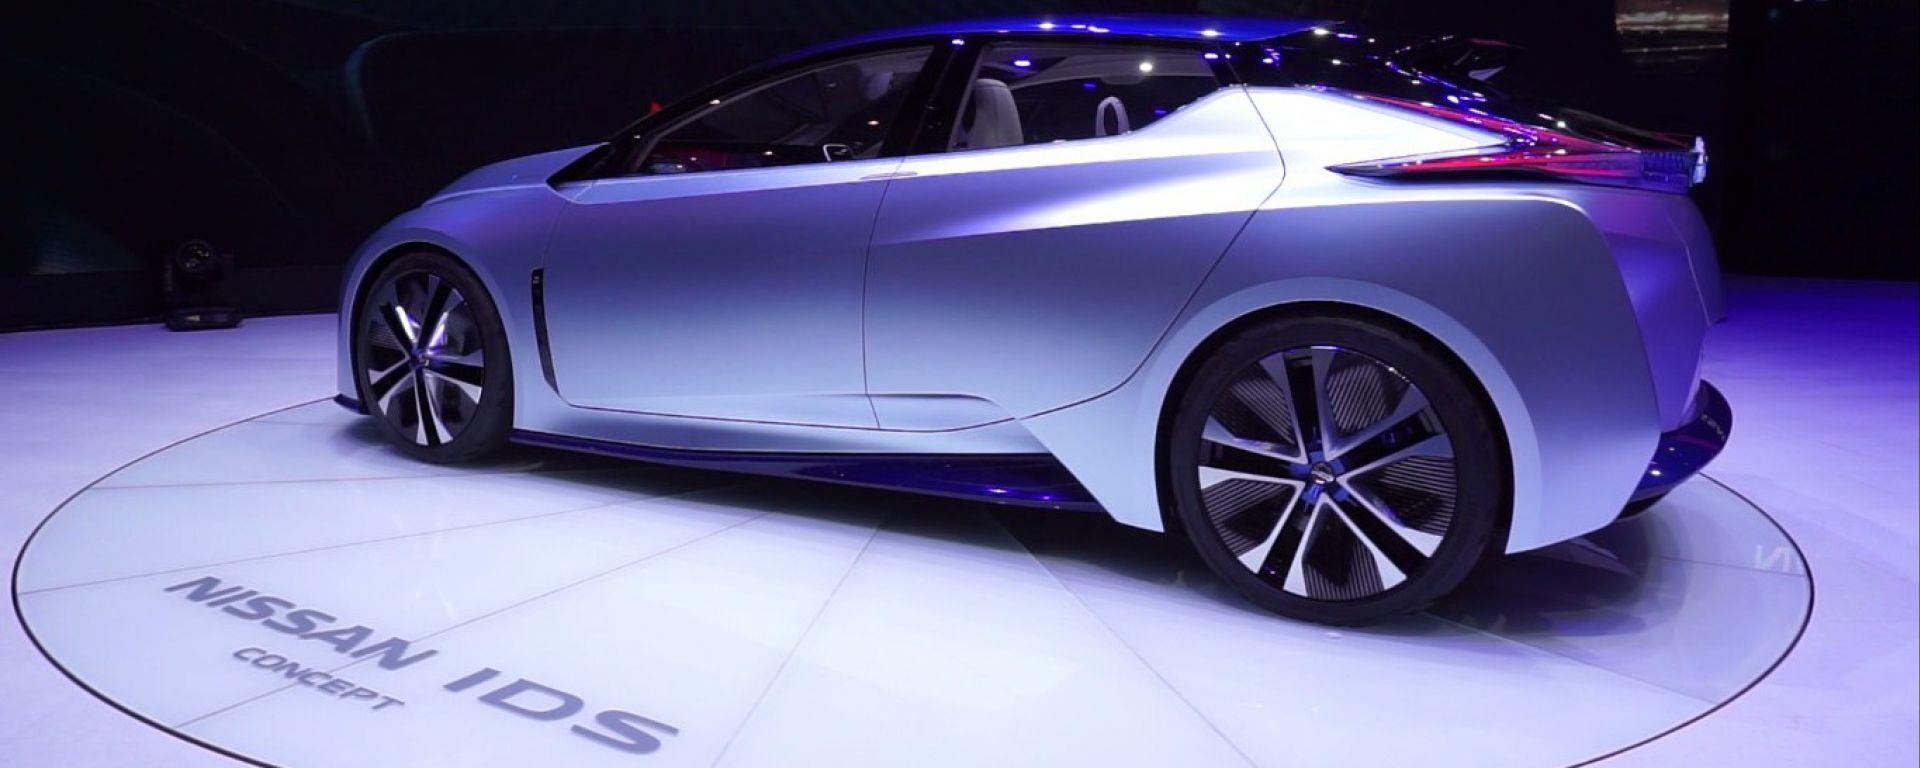 Ginevra 2016 - Notizie dalle Case: Nissan